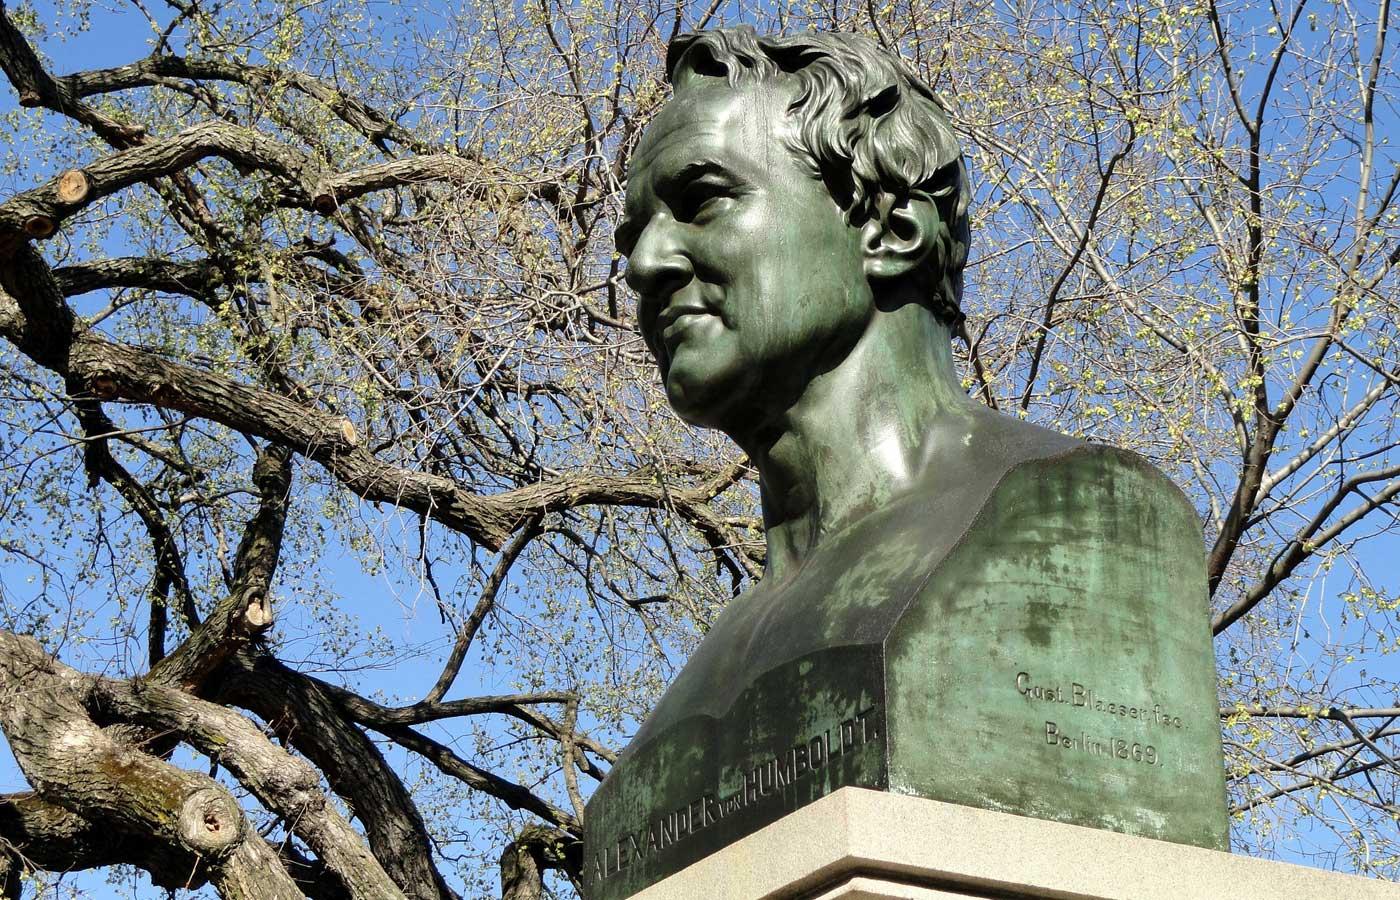 A monument to Alexander von Humboldt in Ecuador